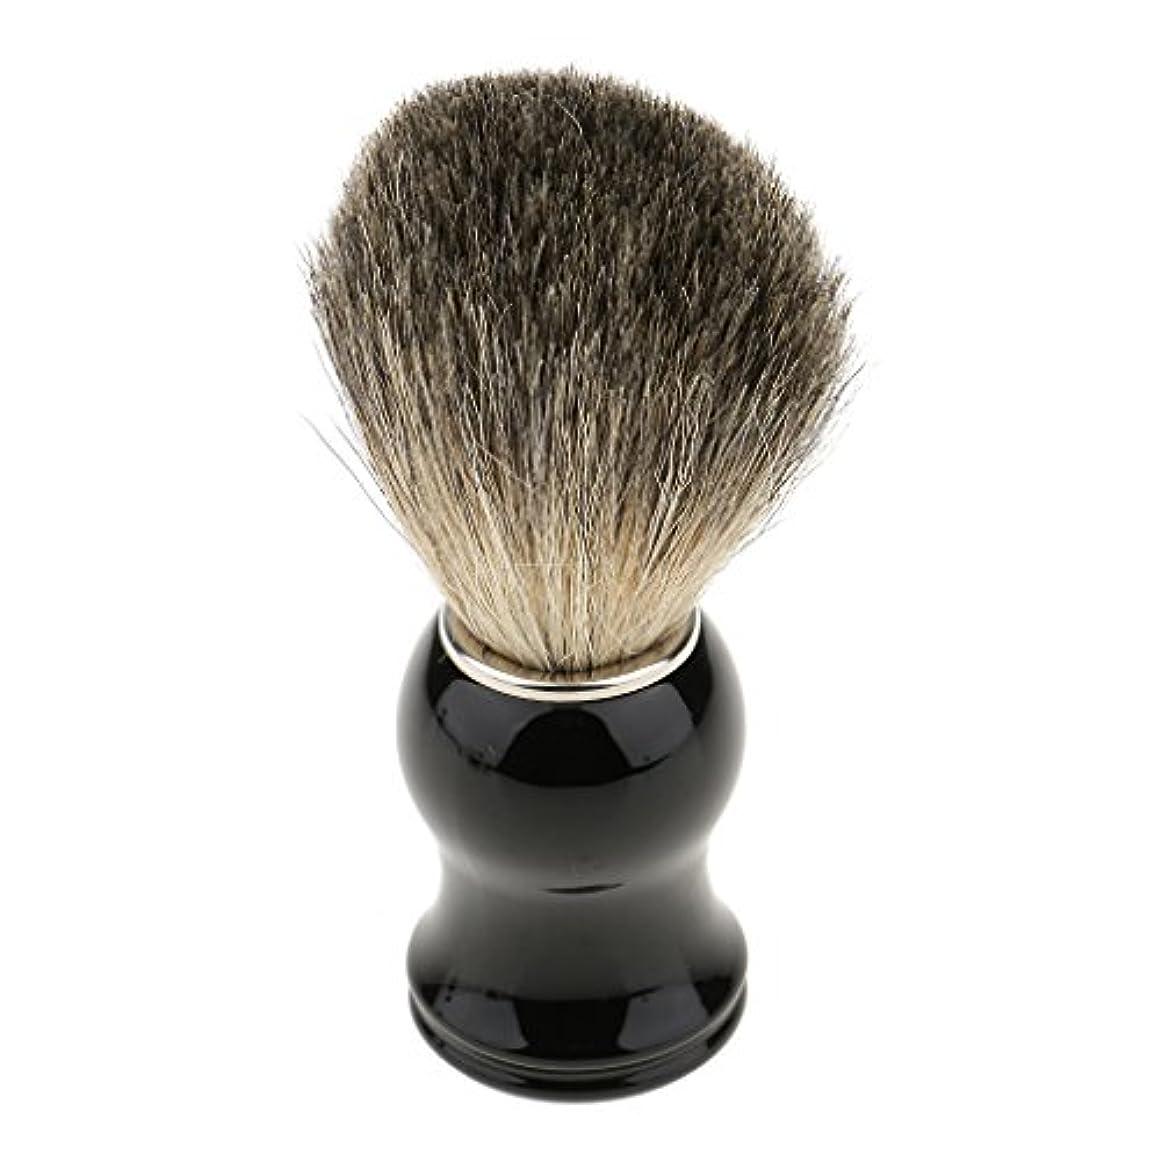 マーガレットミッチェルバインド溢れんばかりのシェービング用ブラシ 人工毛 メンズ 理容 洗顔 髭剃り 泡立ち 11.2cm 全2色 - ブラックハンドル